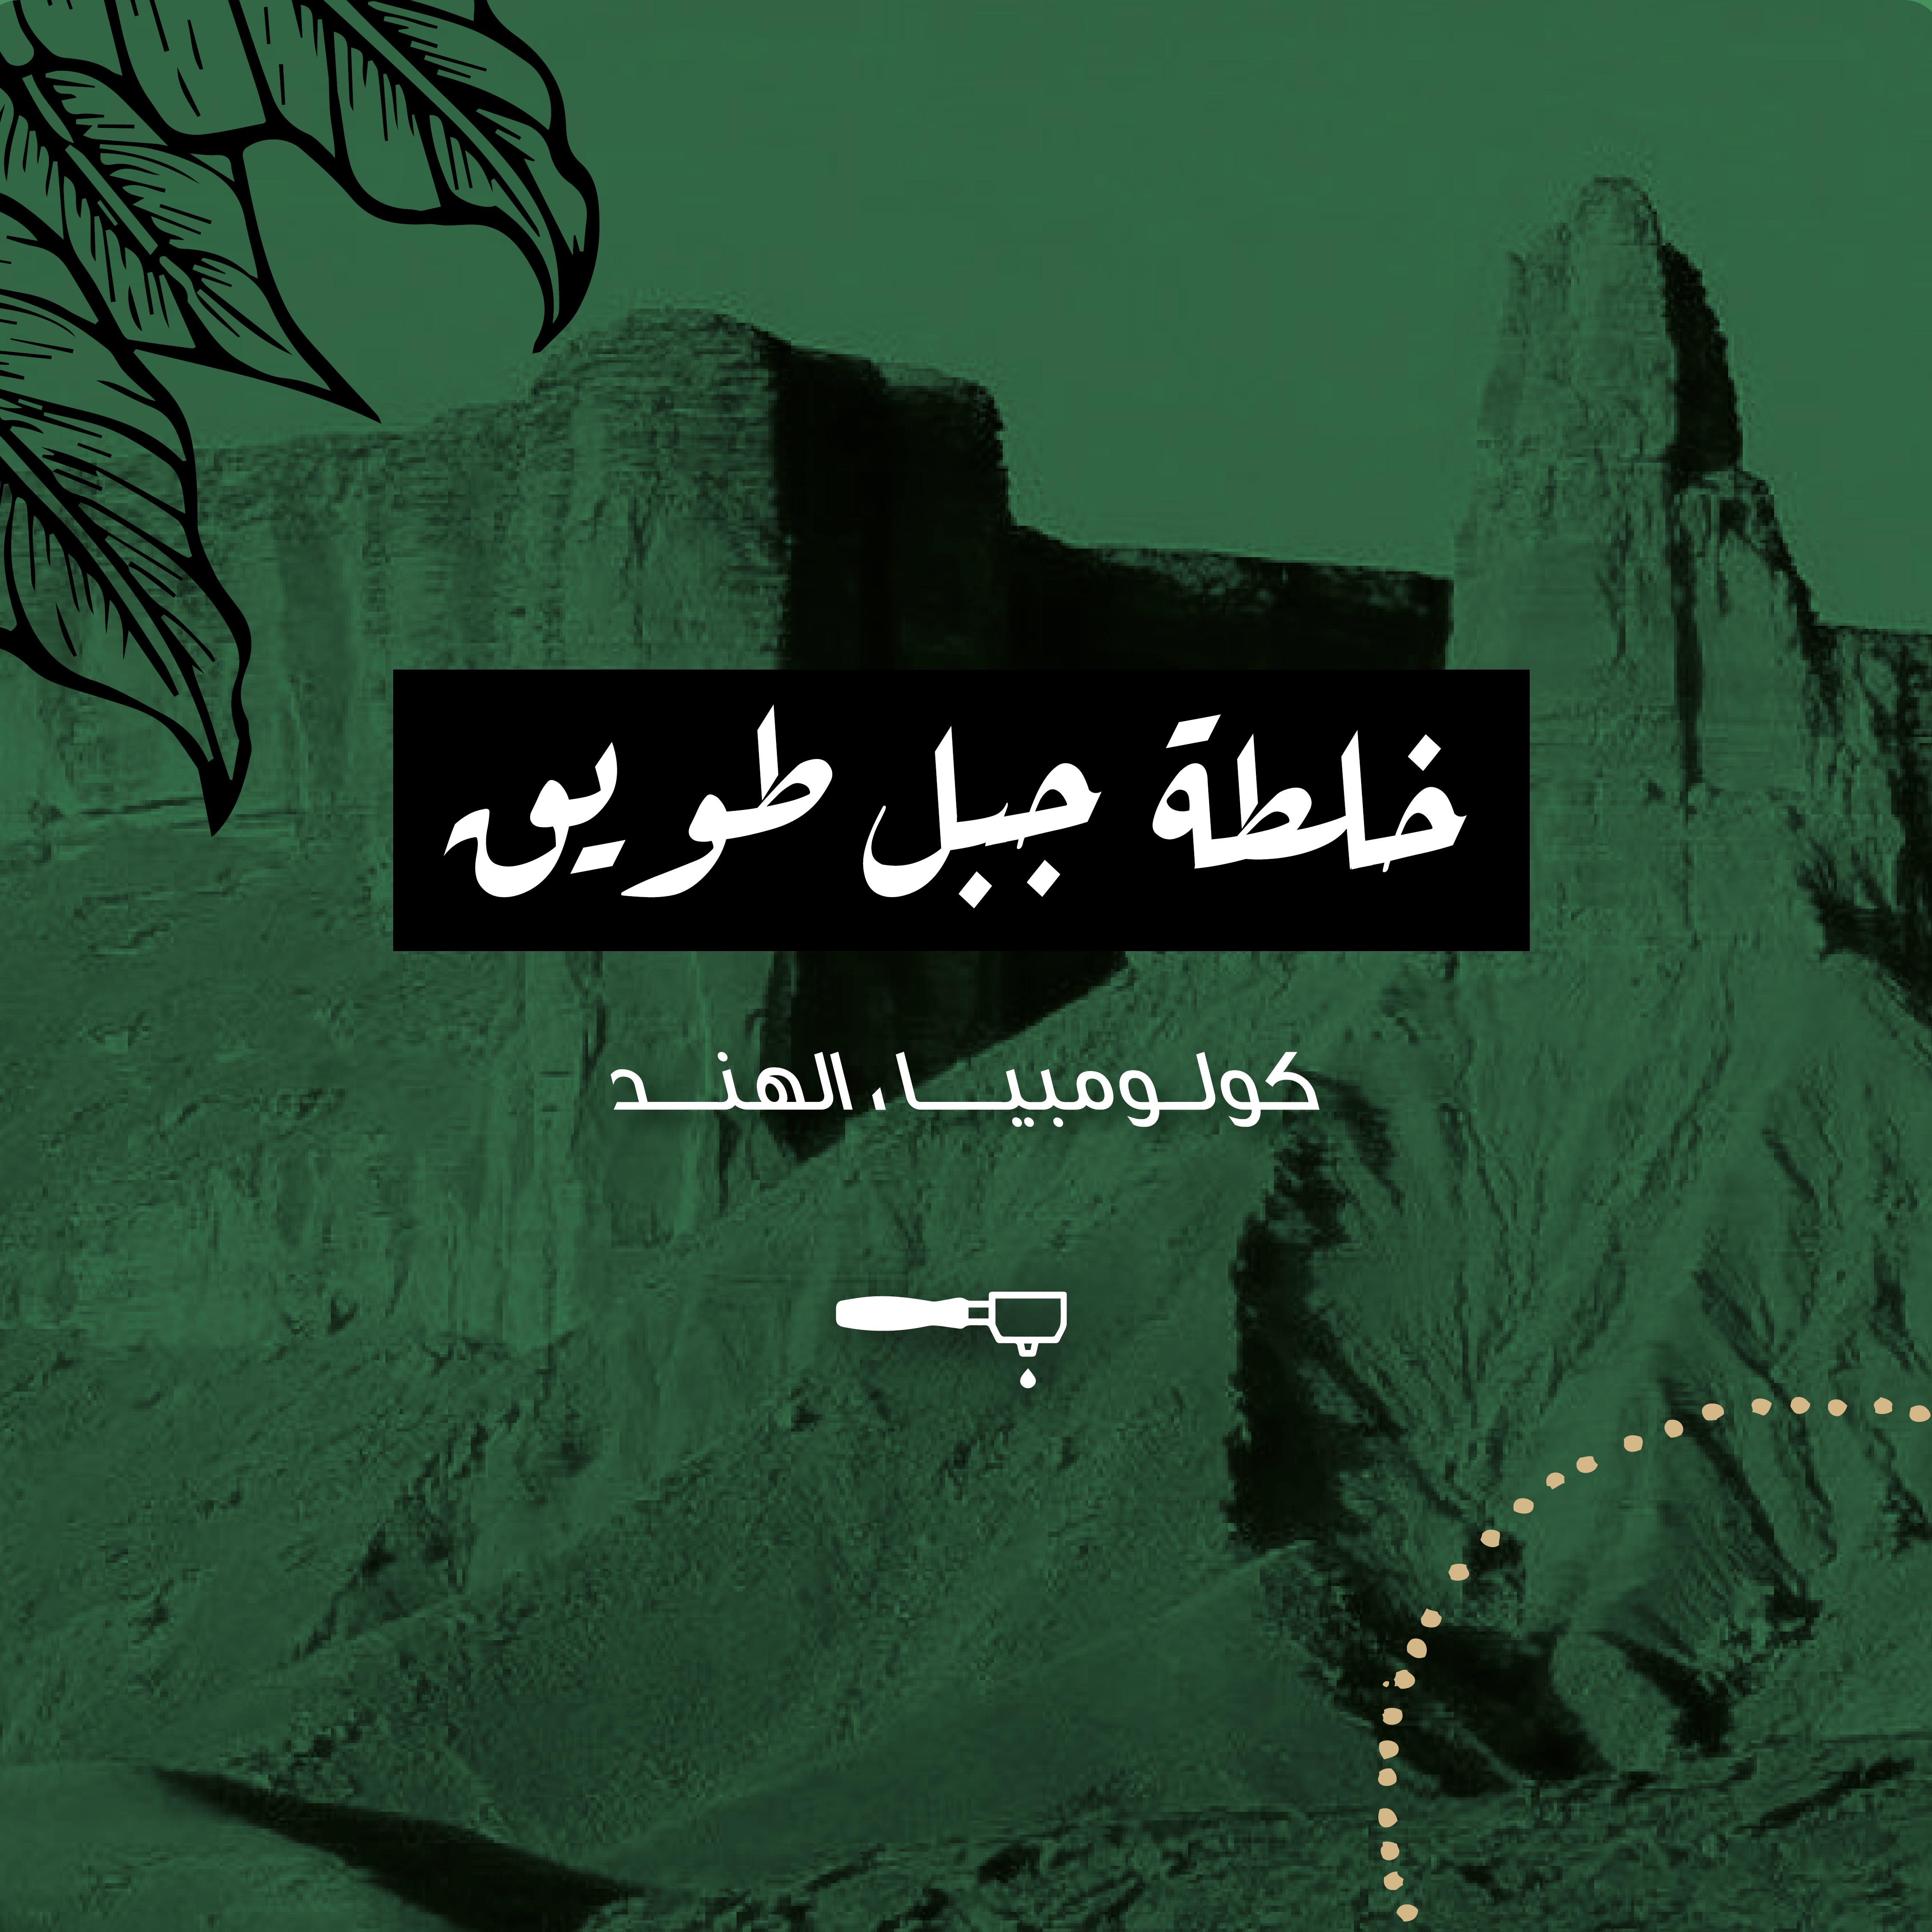 محمصة الرياض خلطة جبل طويق بونا